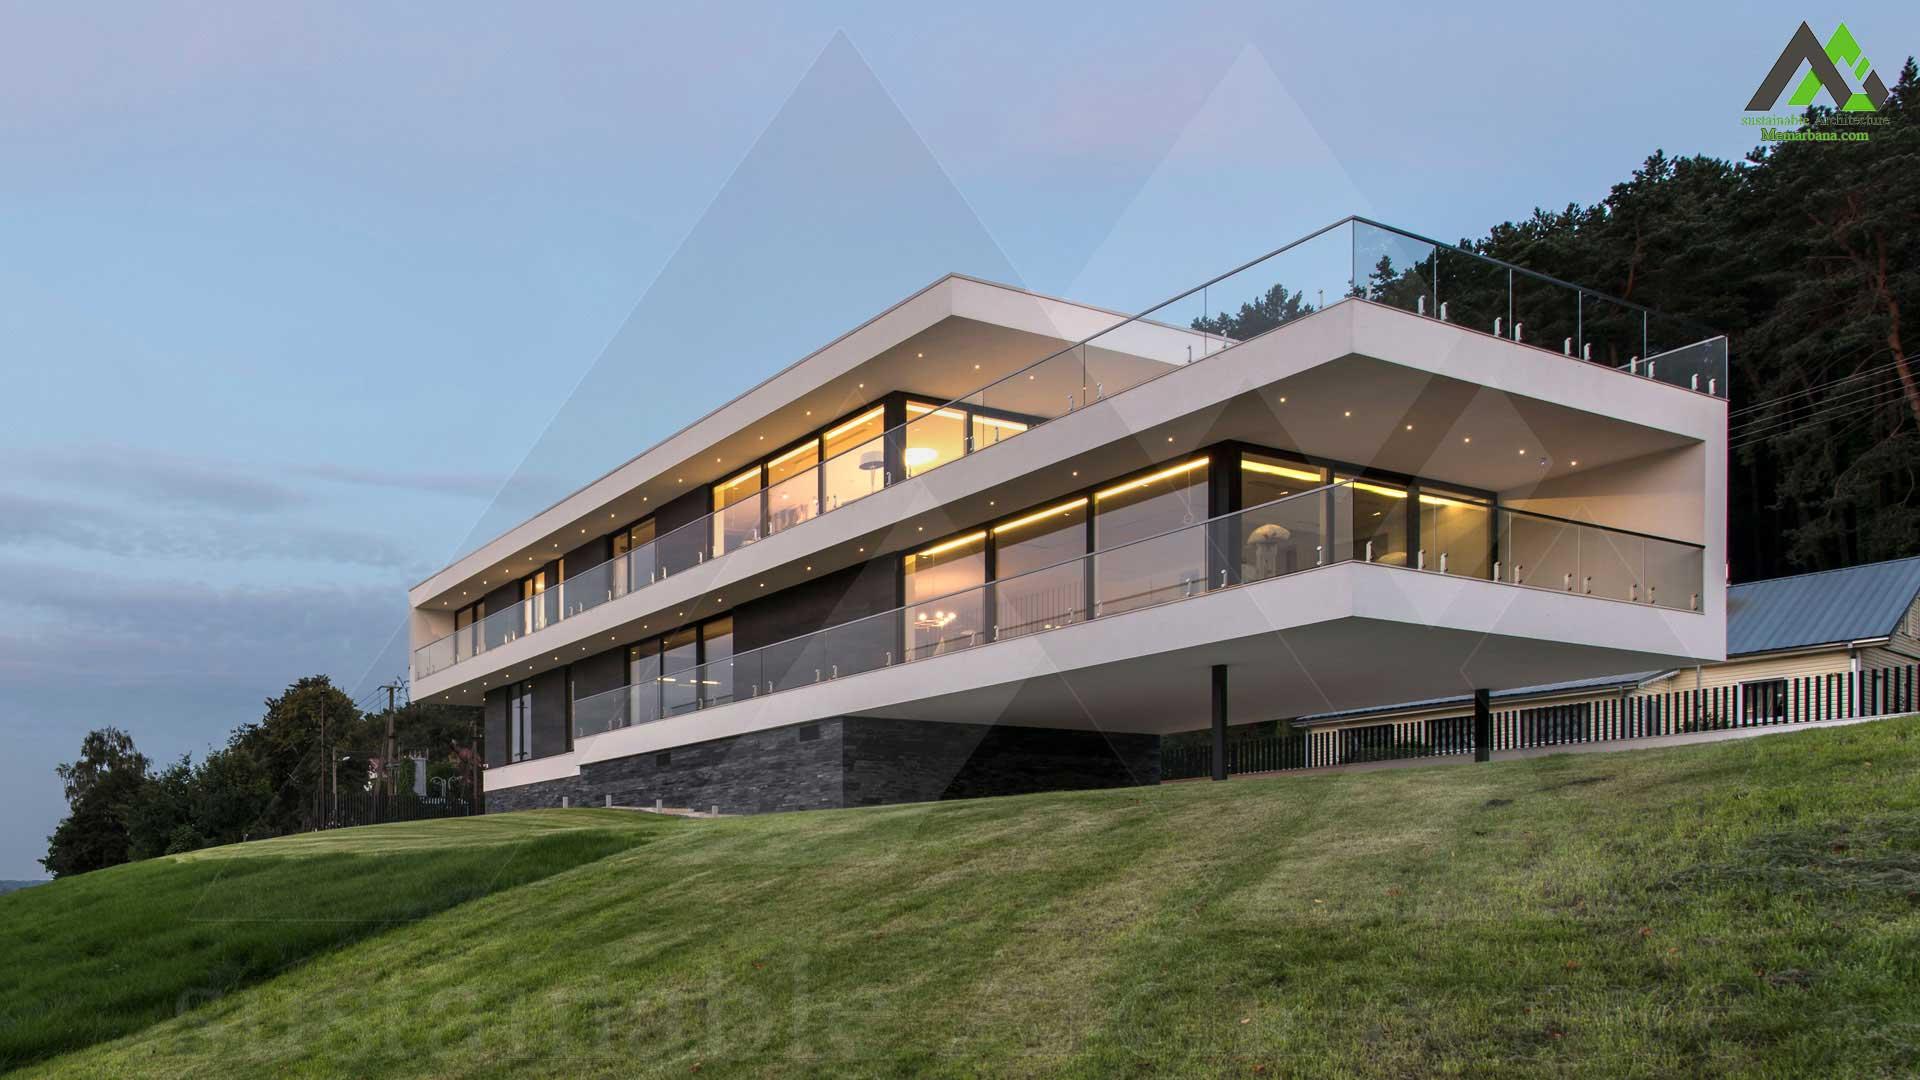 پلان خانه ویلایی اجرایی چهار طبقه